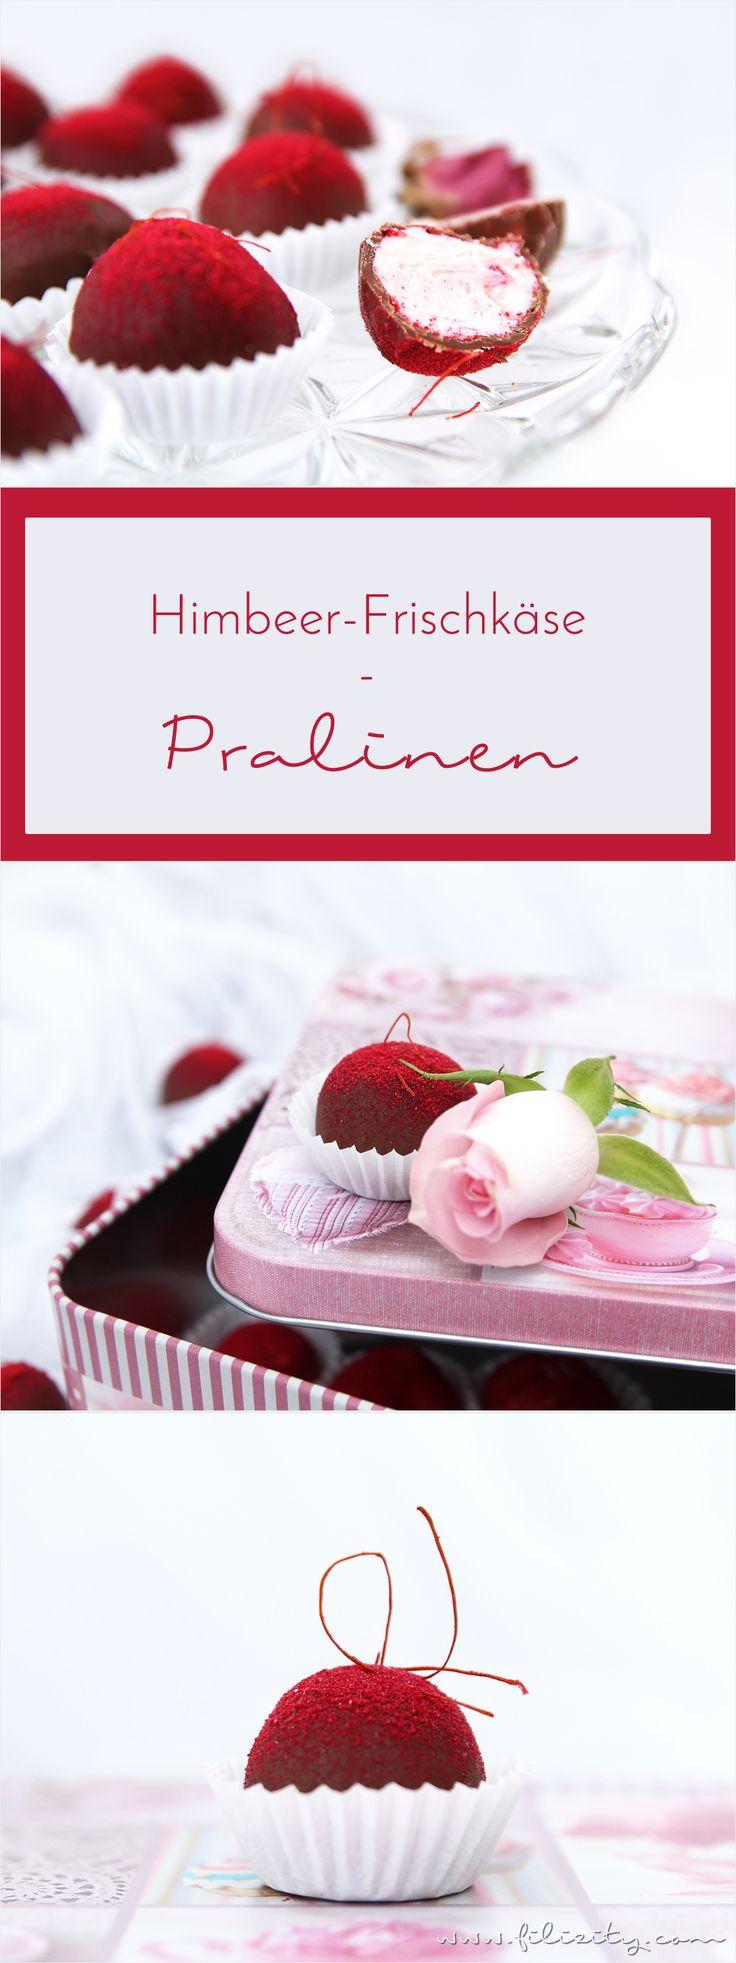 Persönlich, romantisch, lecker - Diese selbstgemachten Himbeer-Pralinen sind nicht nur eine Gaumenfreude, sondern auch ein hübsches Valentinstags-Geschenk. #valentinstag #pralinen #rezept